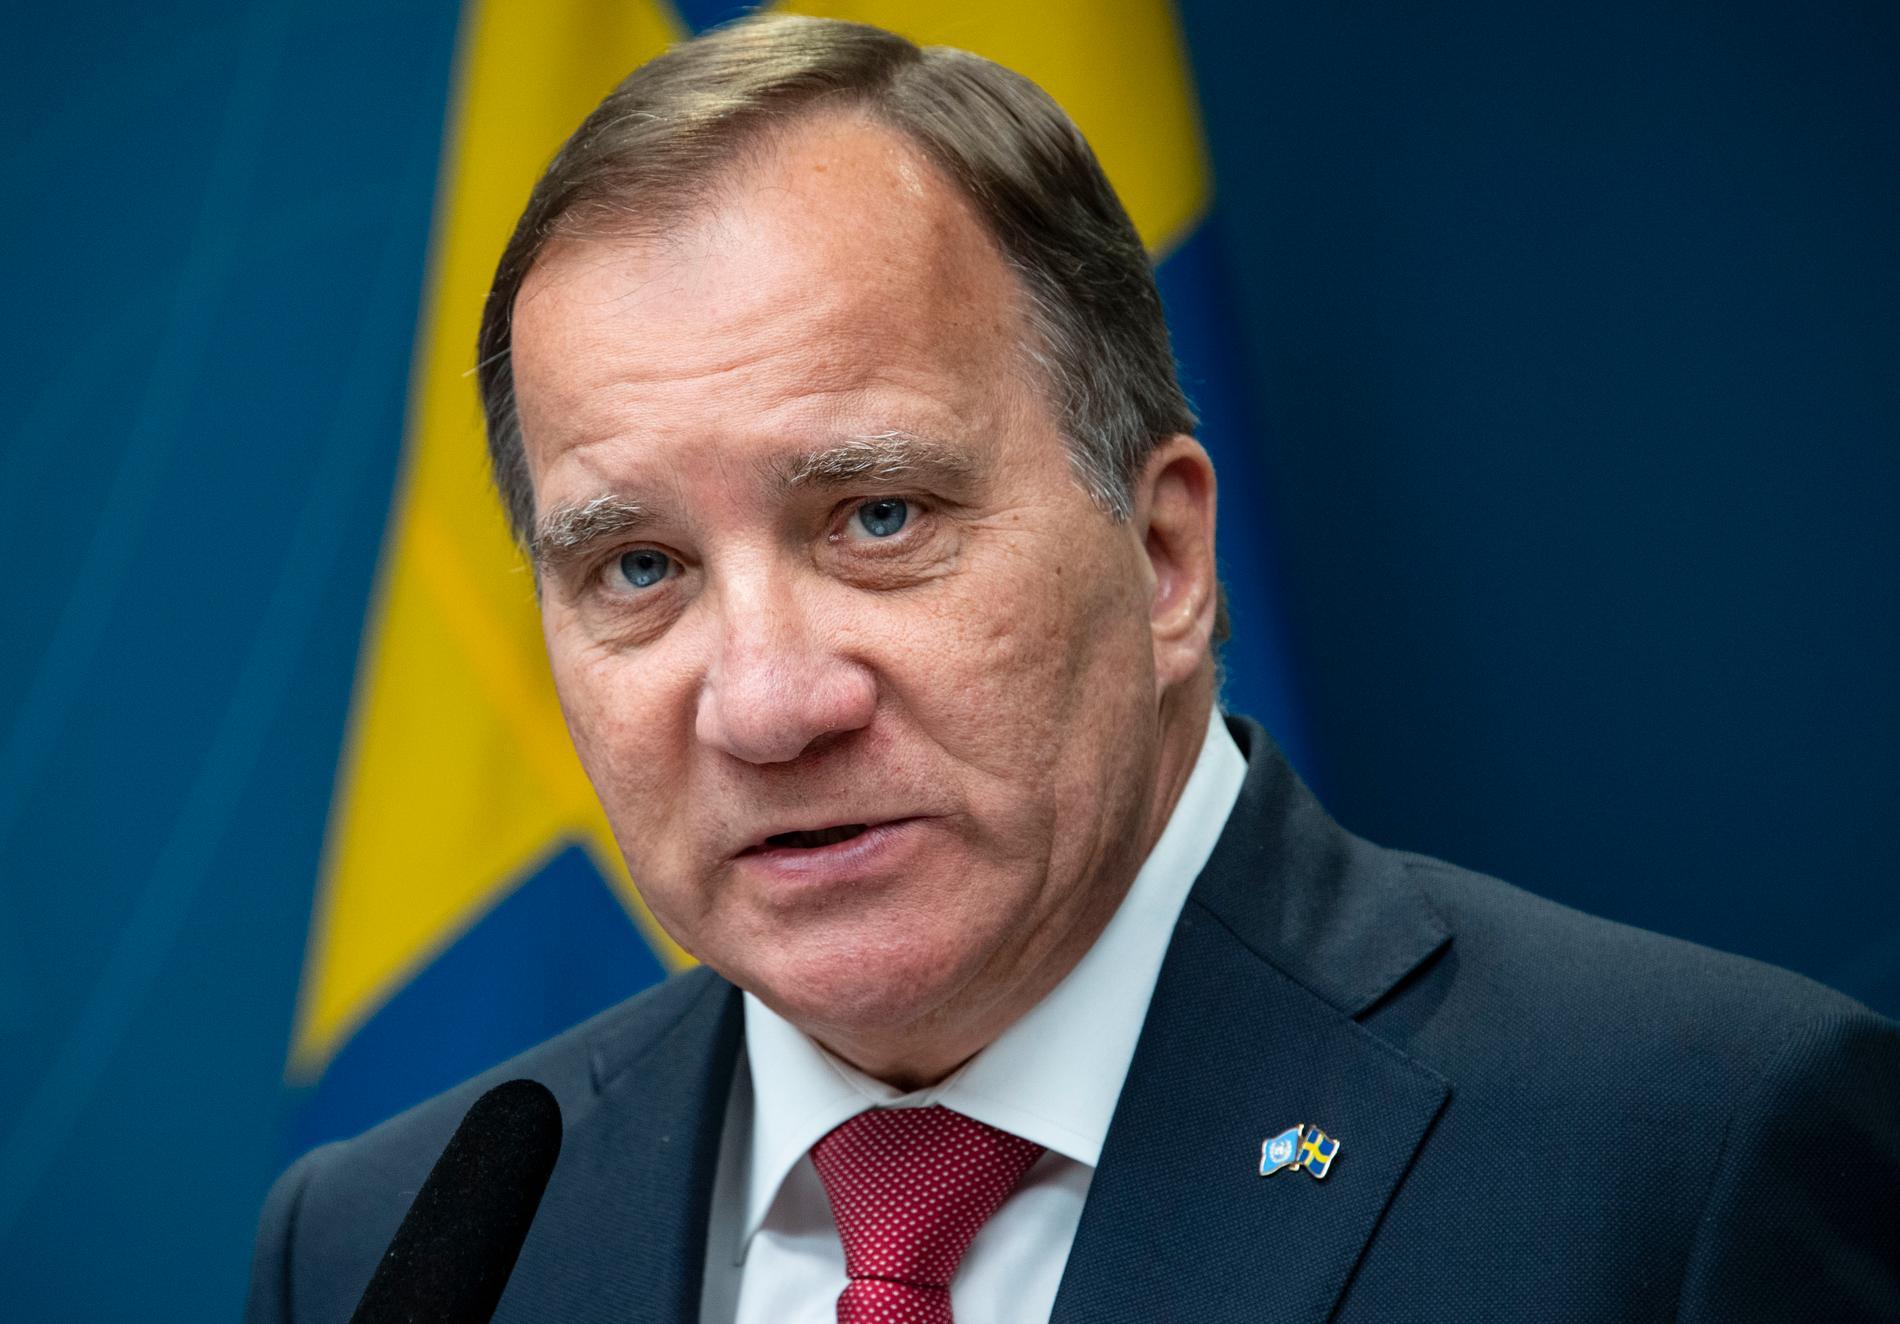 Miljöpartiet kan komma att orsaka huvudbry för statsminister Stefan Löfven.